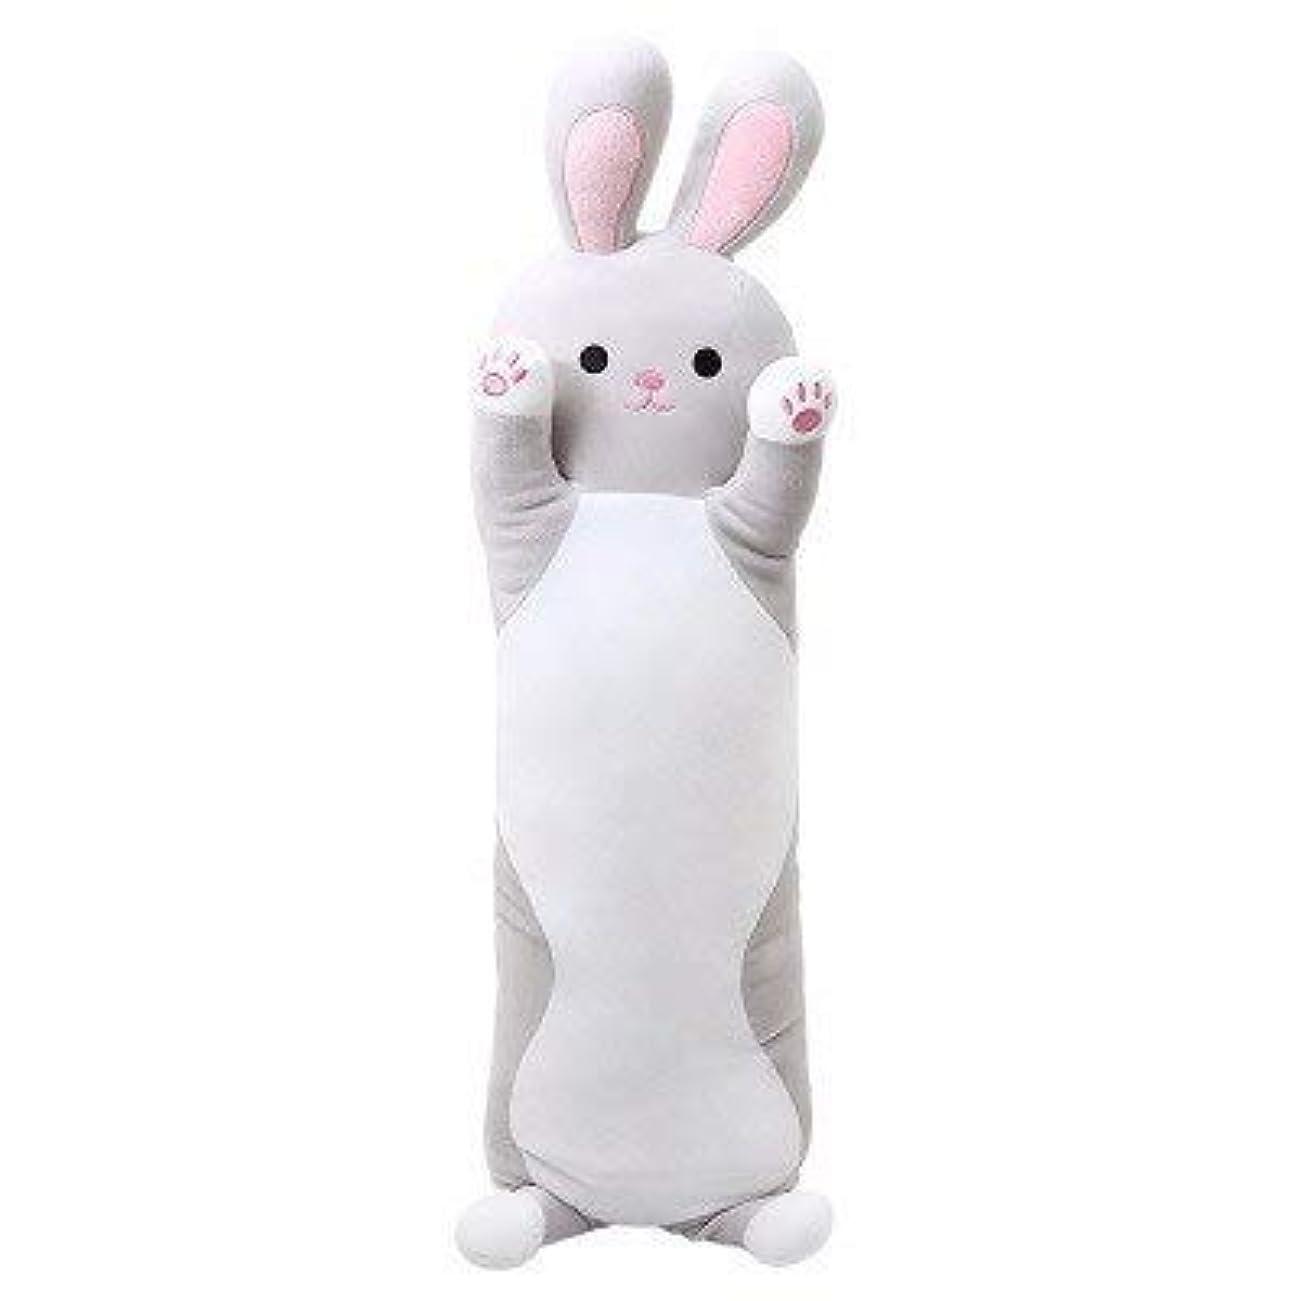 ちっちゃい添加剤好戦的なLIFE センチメートルウサギのぬいぐるみロング睡眠枕を送信するために女の子 Almofada クッション床 Coussin Cojines 装飾 Overwatch クッション 椅子